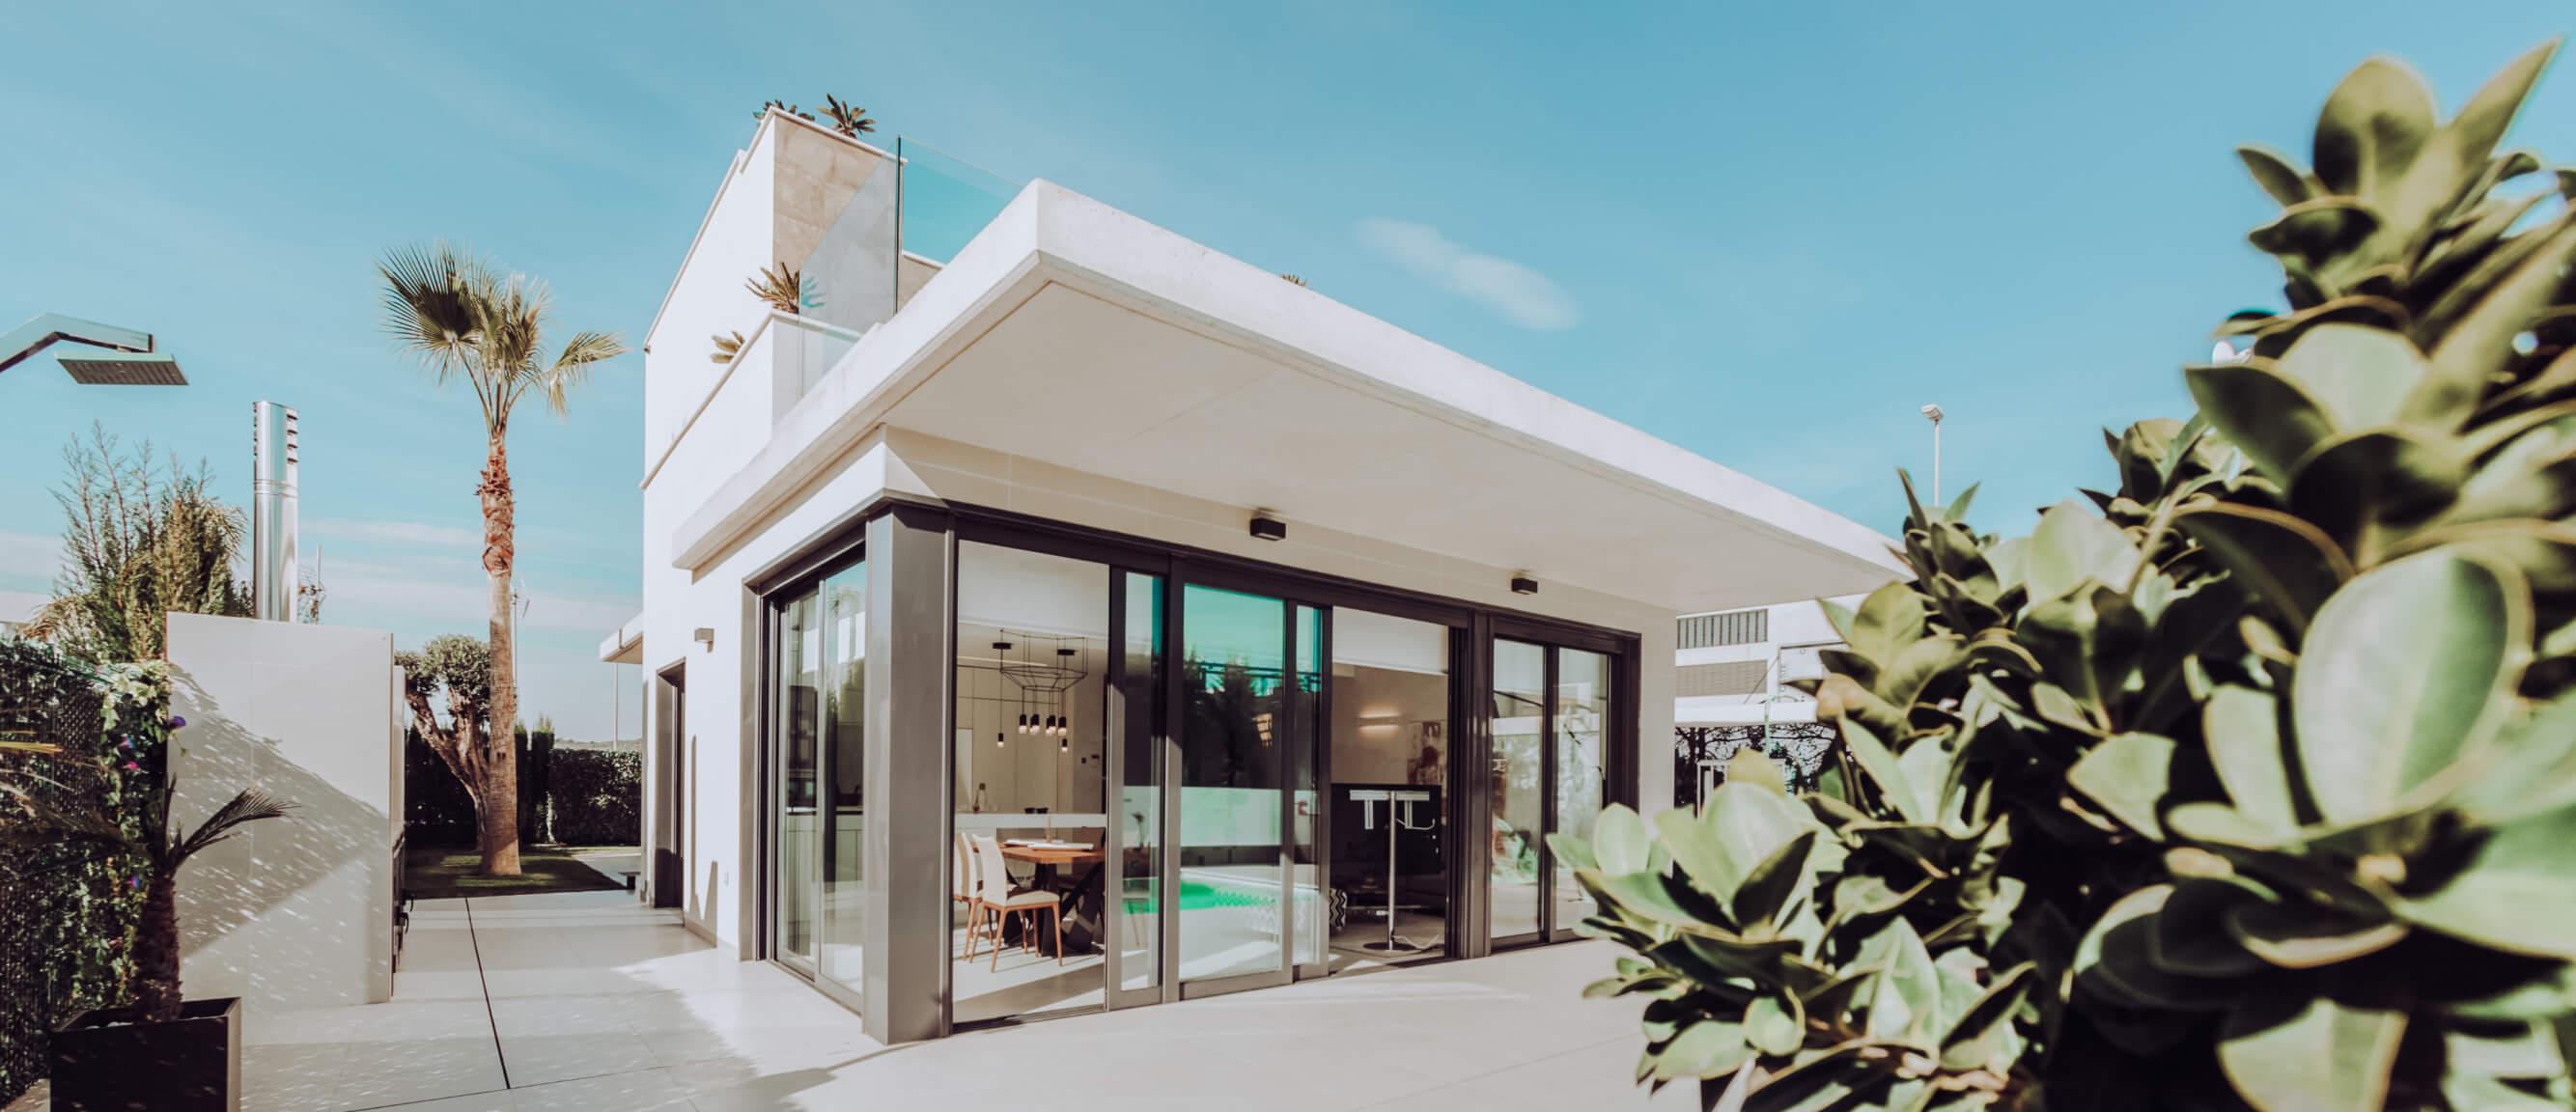 Большой белый дом с темными раздвижными окнами и бассейном.